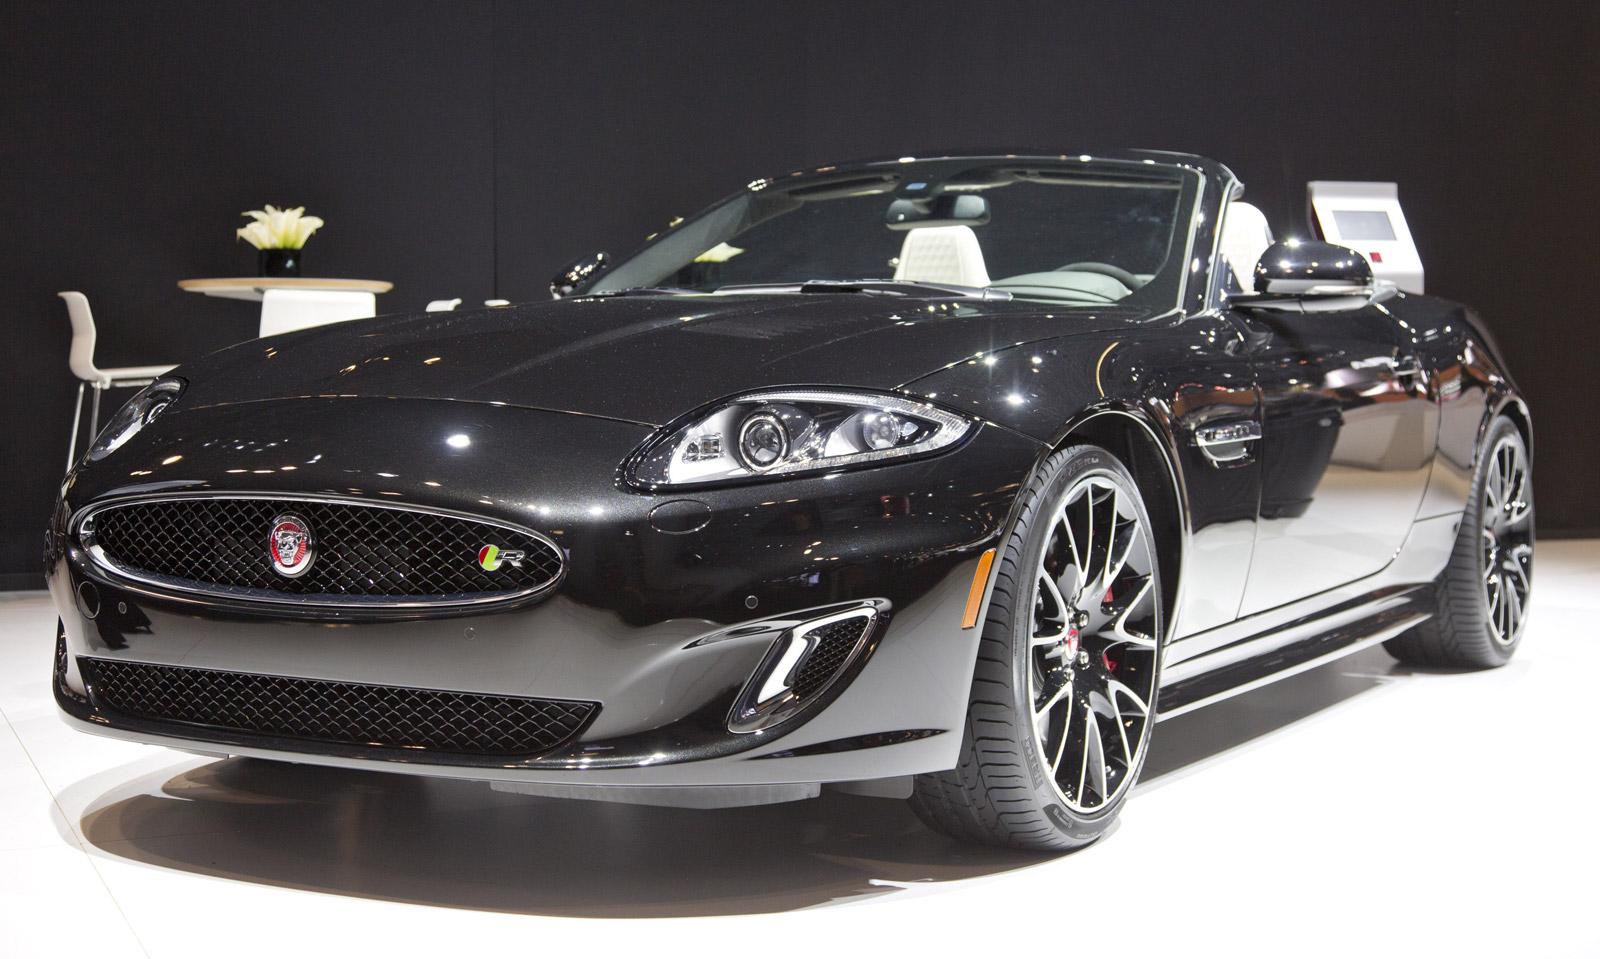 Luxury Vehicle: Jaguar Cancels Plans For XK Successor